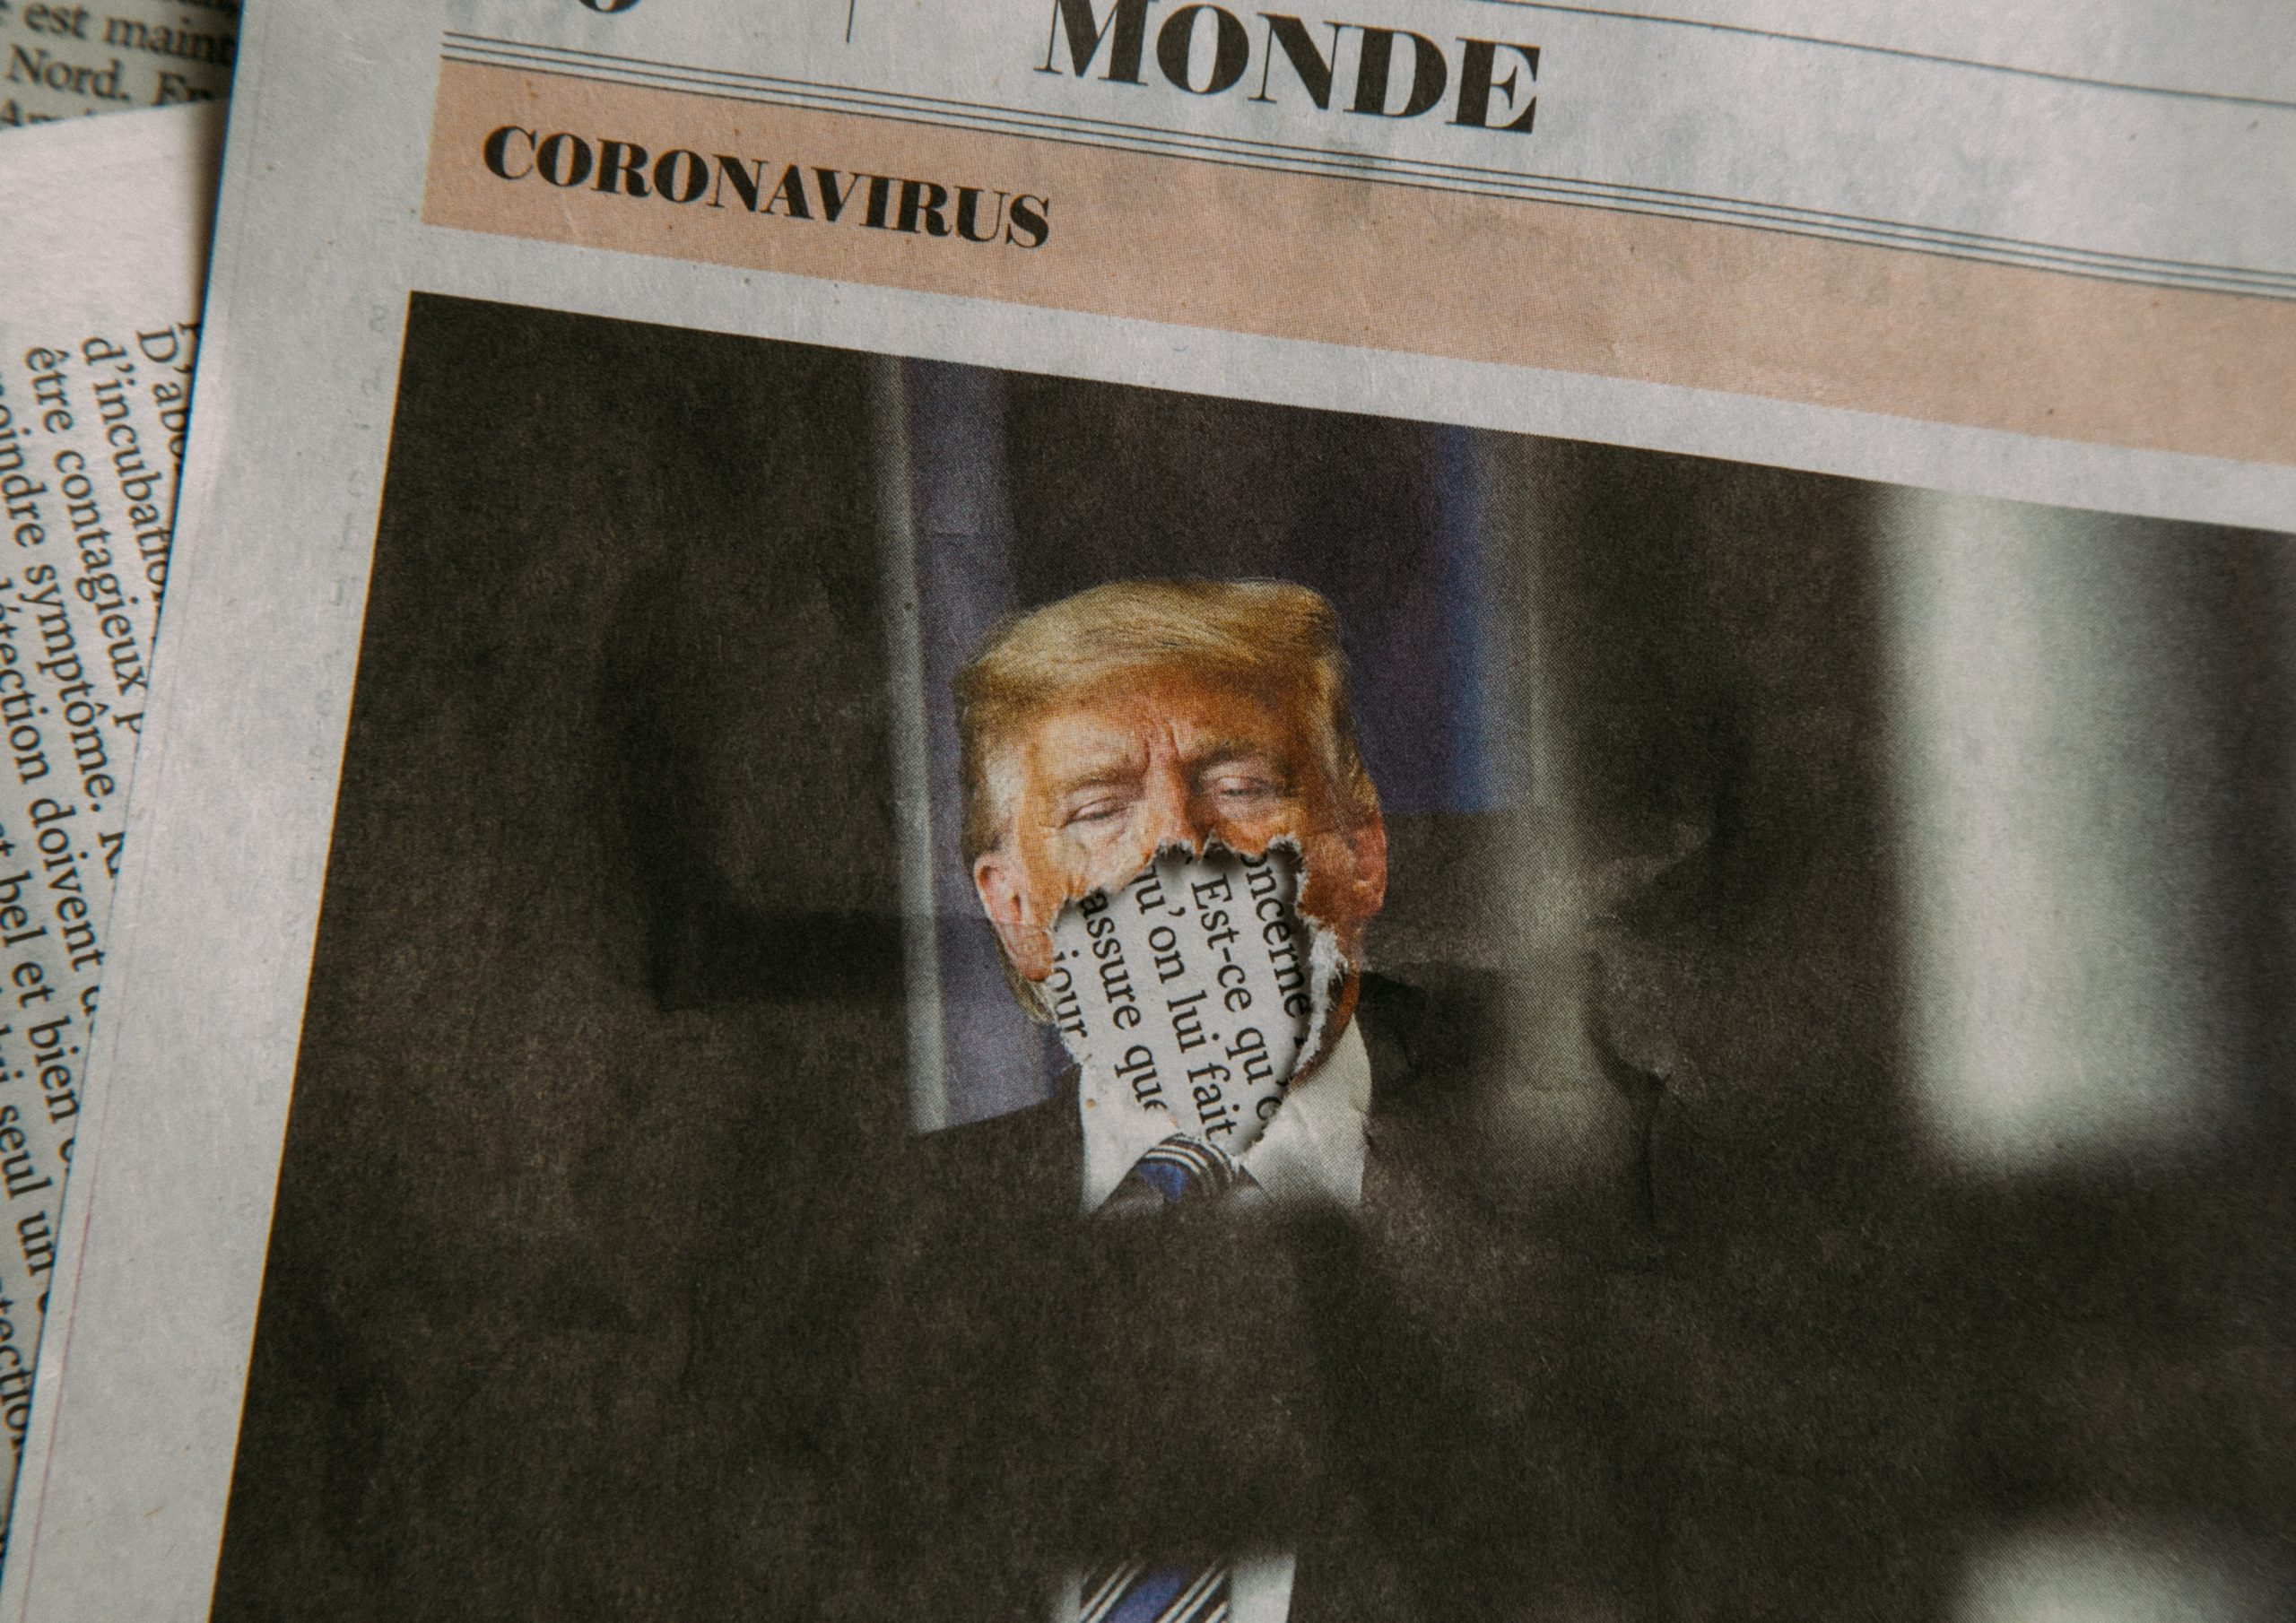 「検閲」批判繰り返す、トランプ大統領のあきれたSNS戦略